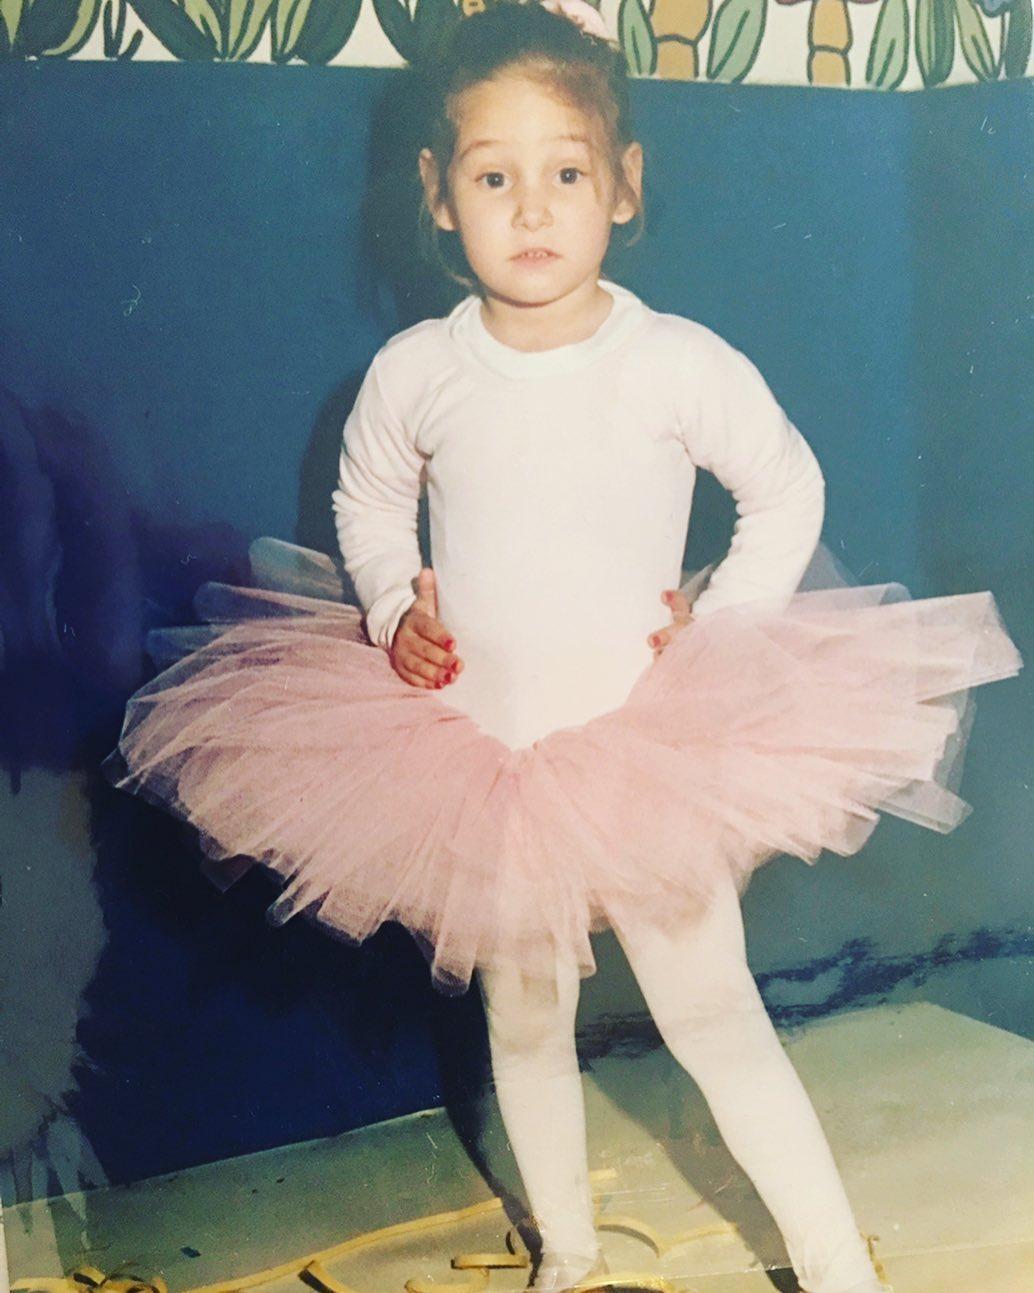 Το κοριτσάκι της φωτογραφίας είναι σήμερα γνωστή Ελληνίδα ηθοποιός! Την αναγνωρίζεις;